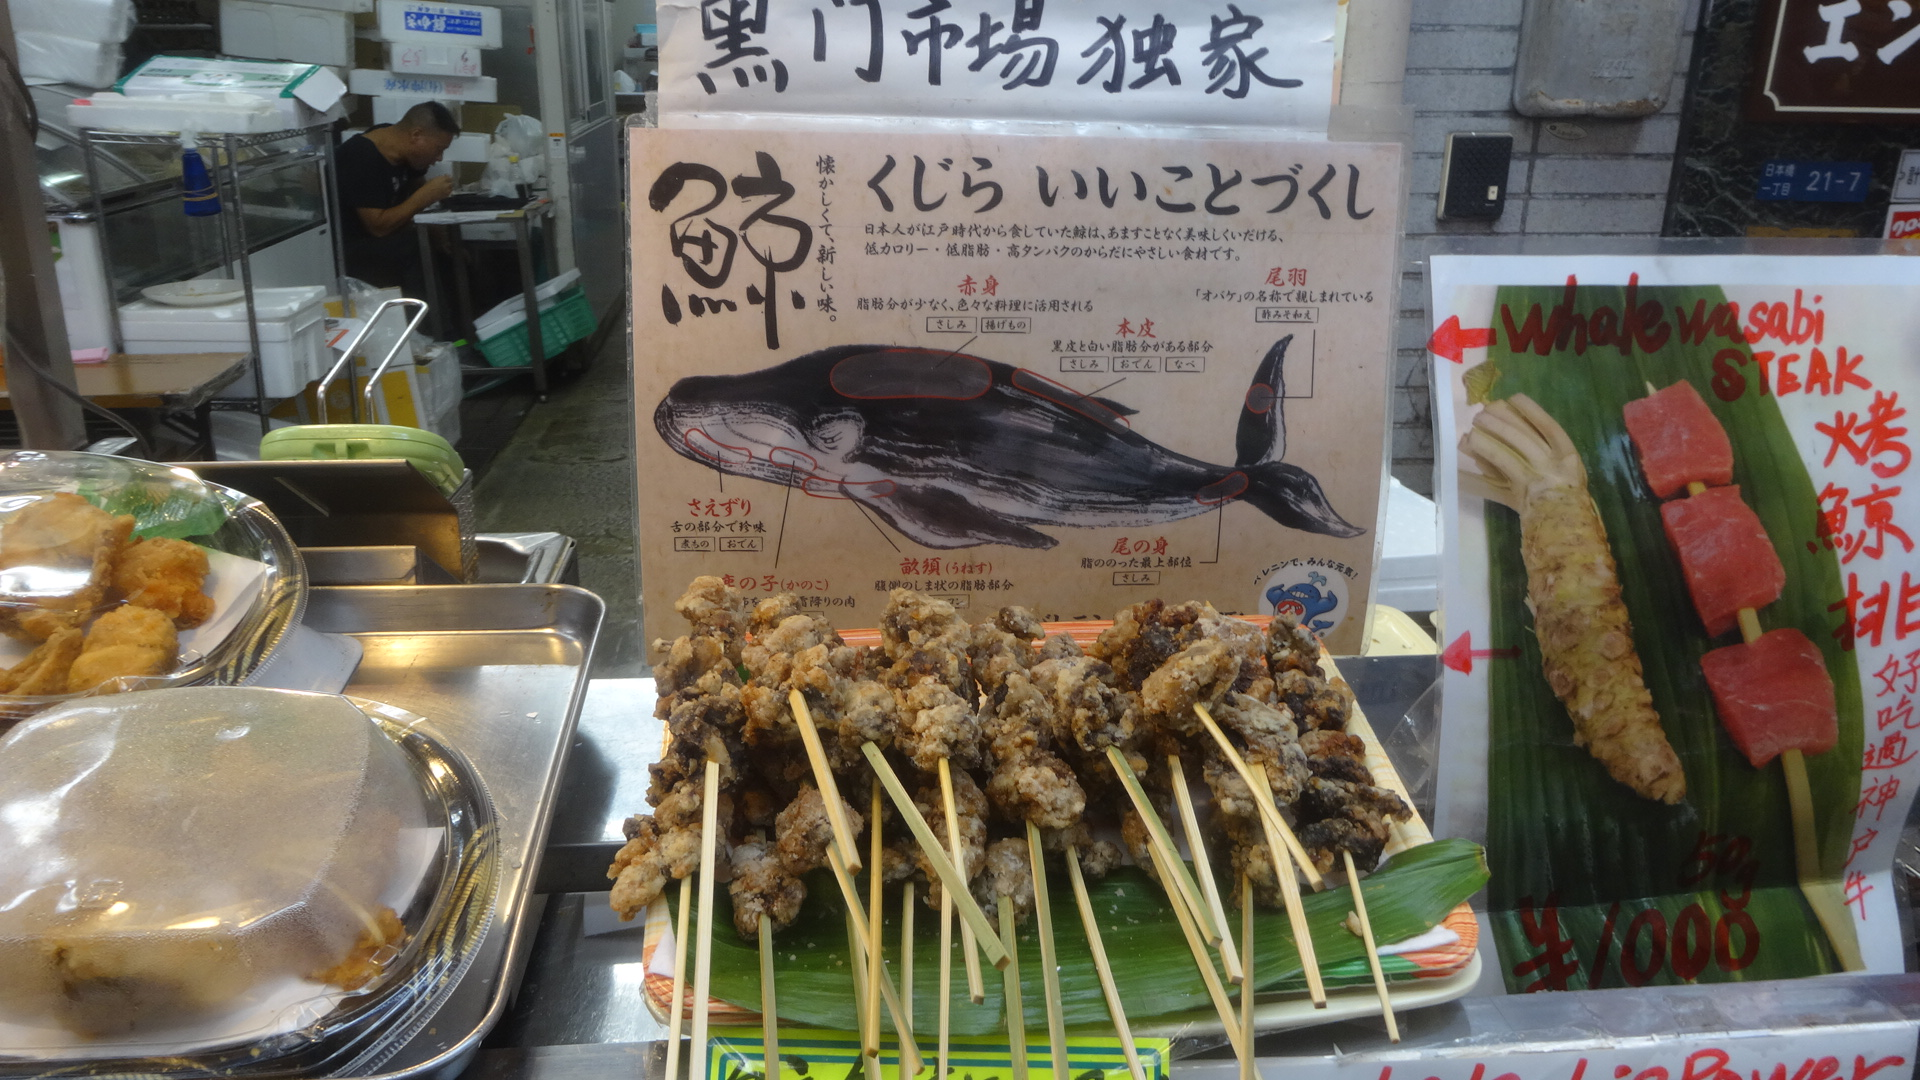 店前に並ぶクジラの食品